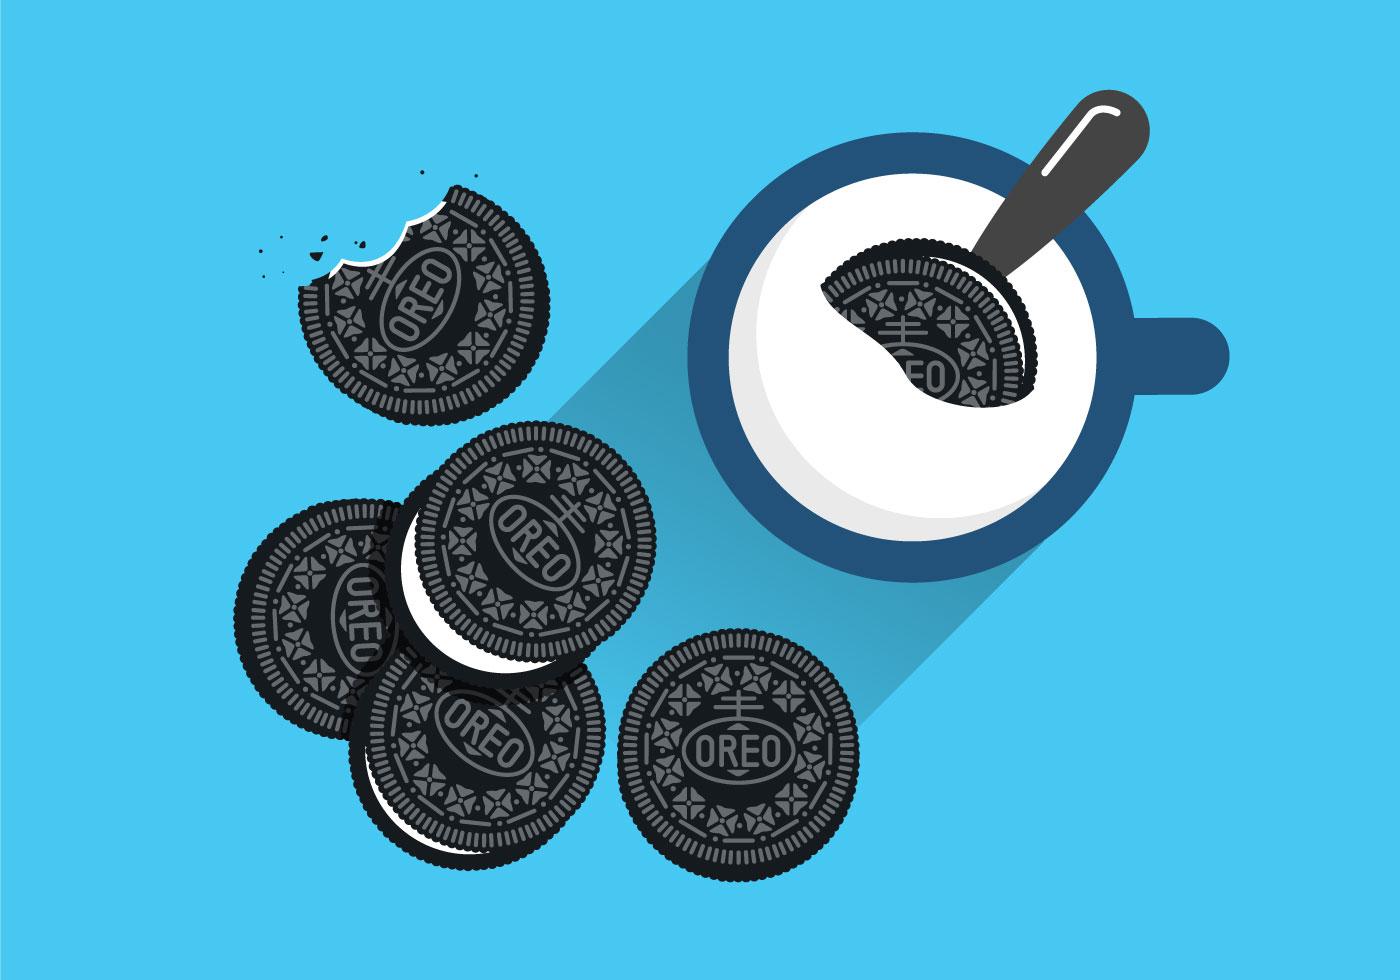 Oreo Cookie Vectors Download Free Vector Art Stock